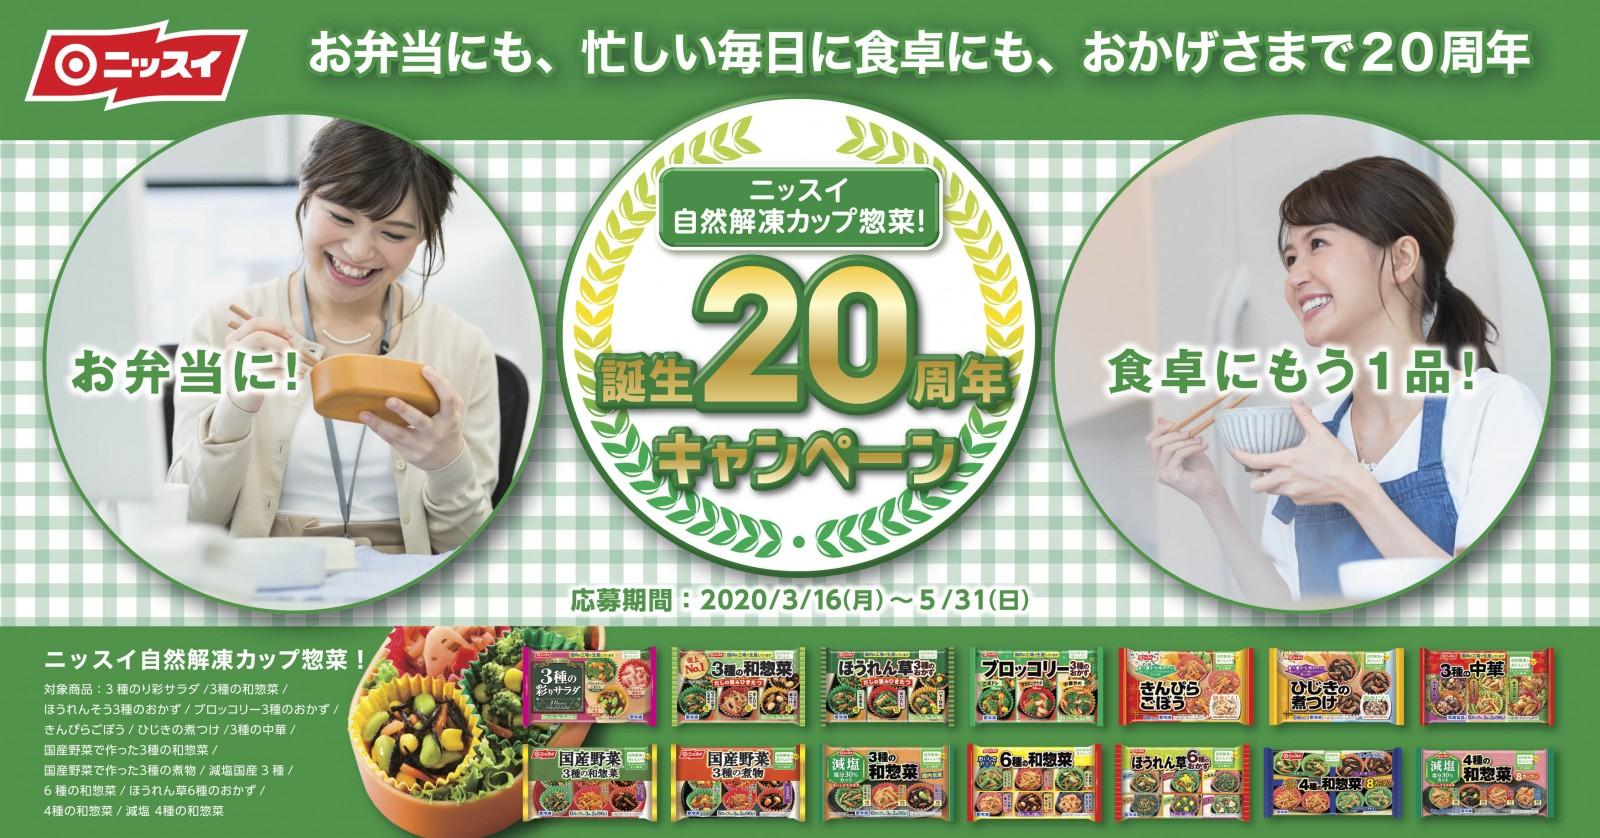 元祖『自然解凍』 ニッスイ、発売20周年キャンペーンスタート!!